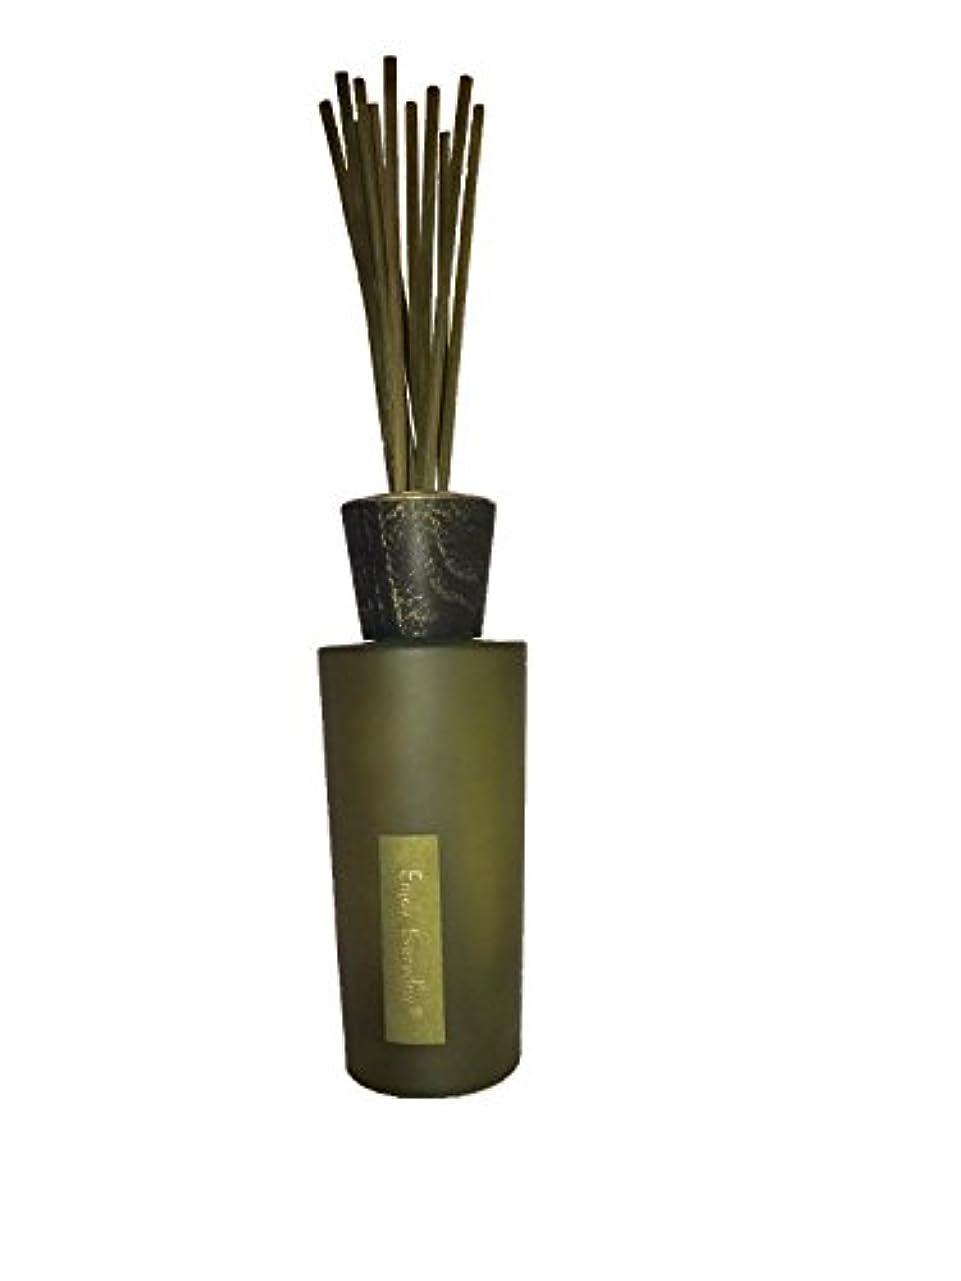 シソーラスこどもの日退屈40%OFF!【Branch of Aroma】100%天然アロマスティックディフューザー-9種の香り- (200ml) (Freshソープ)